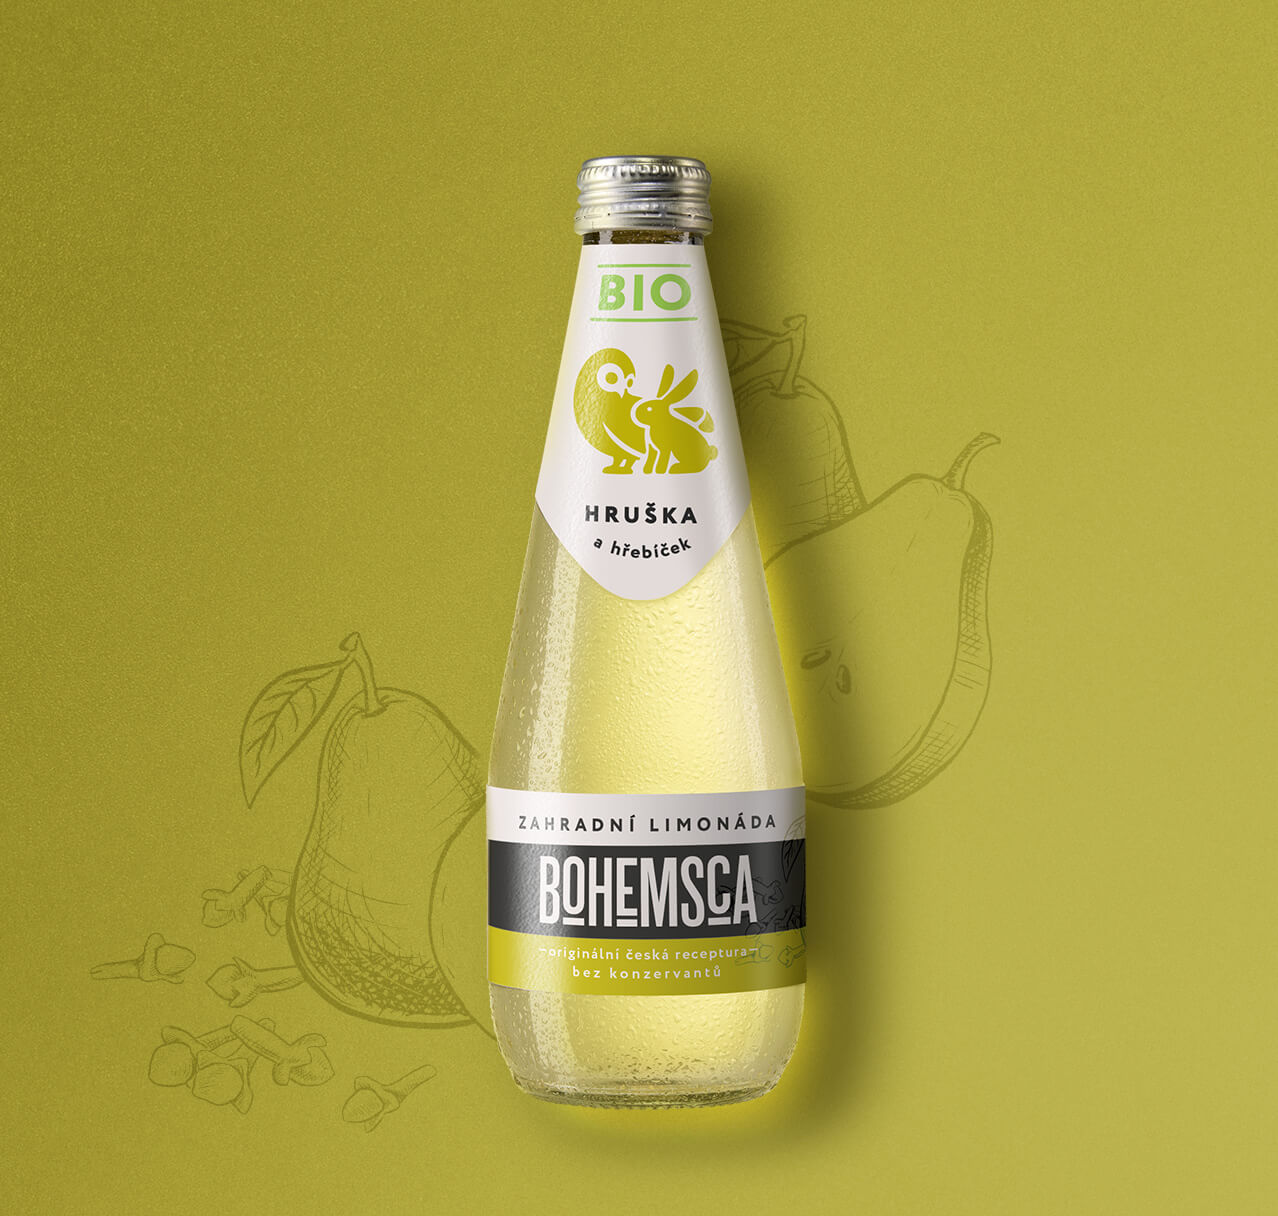 Bohemsca lemonade packaging design